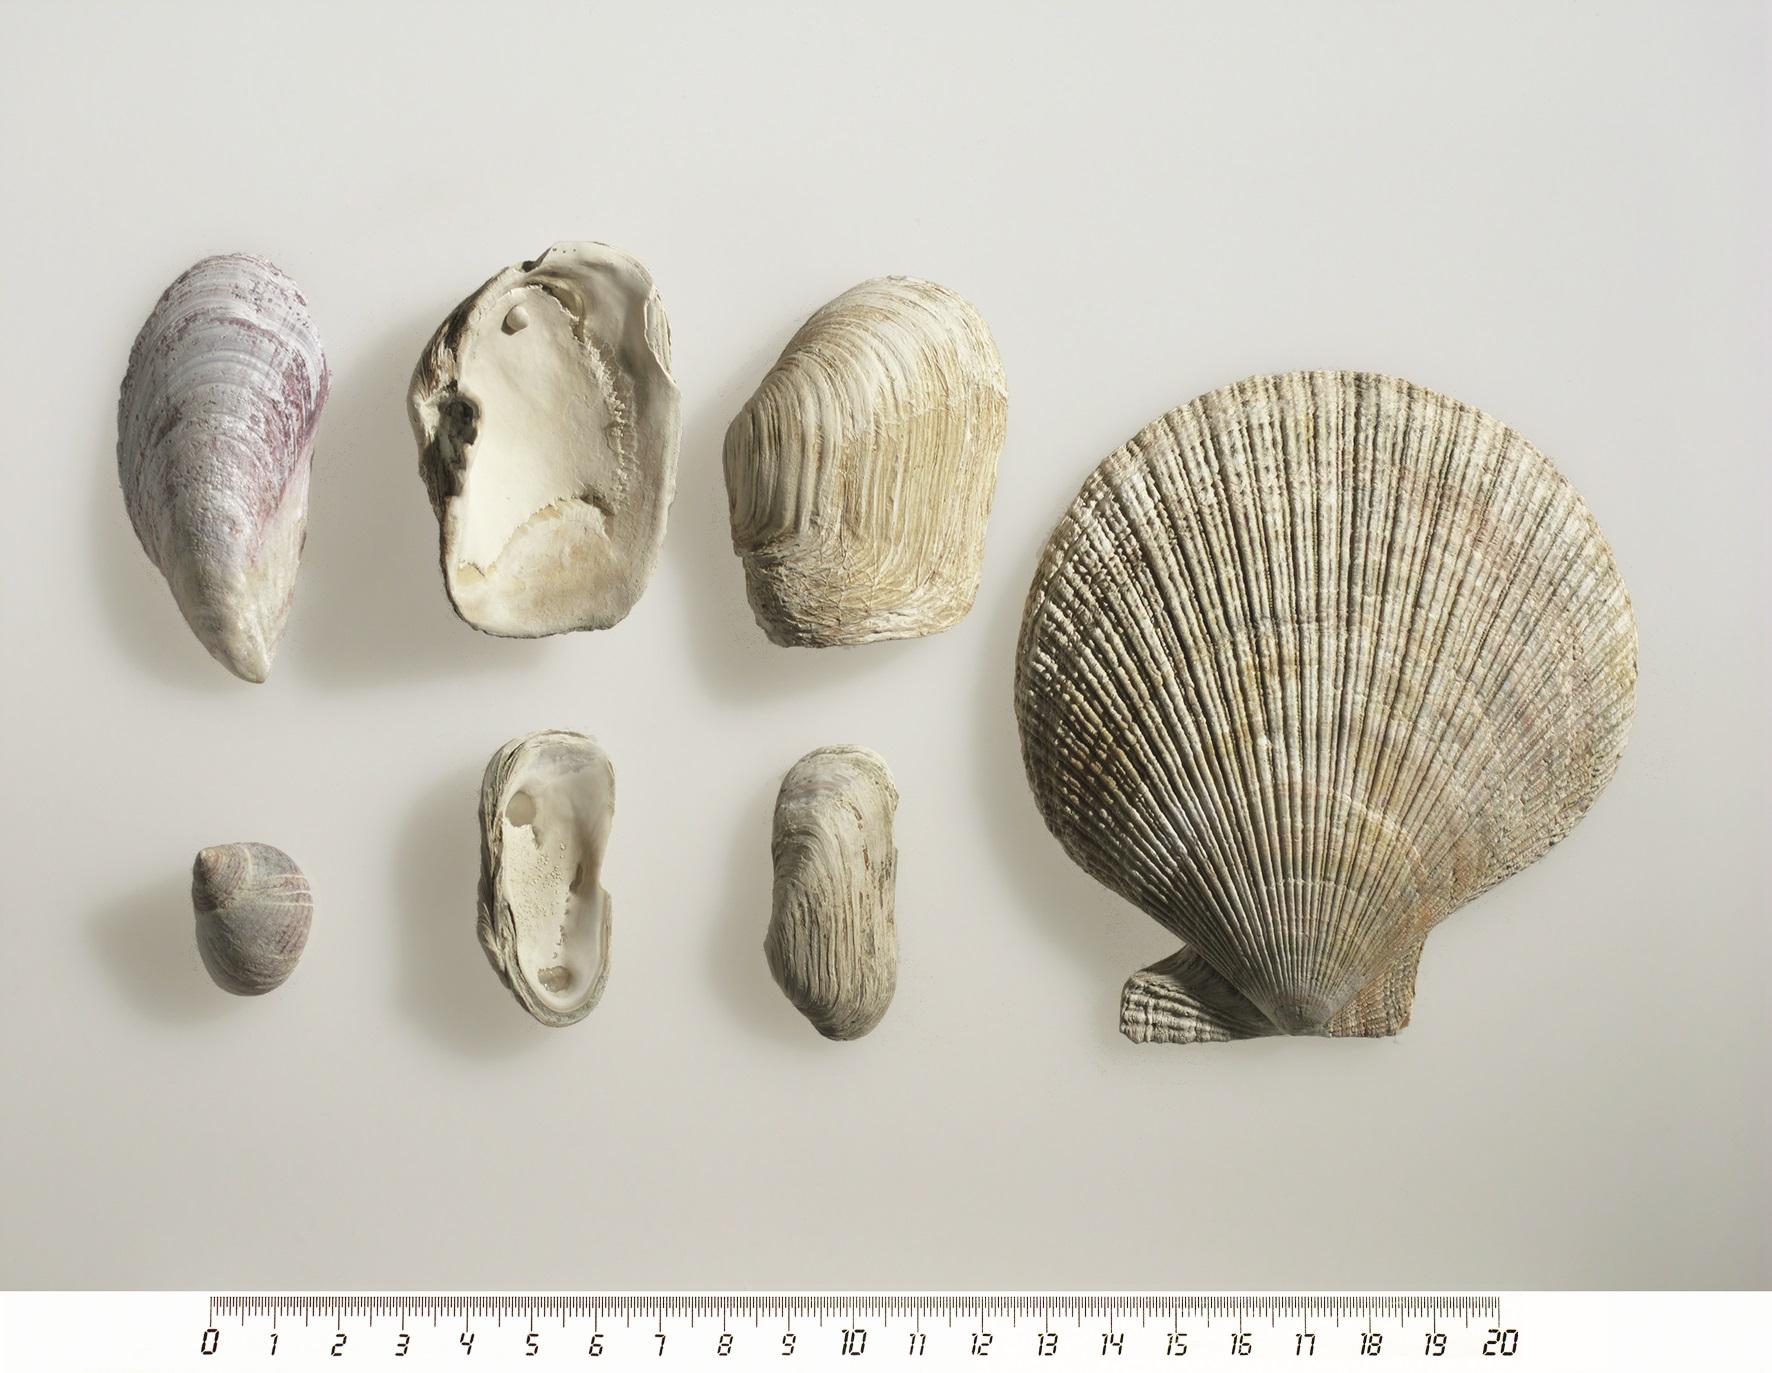 dating fossile skjell